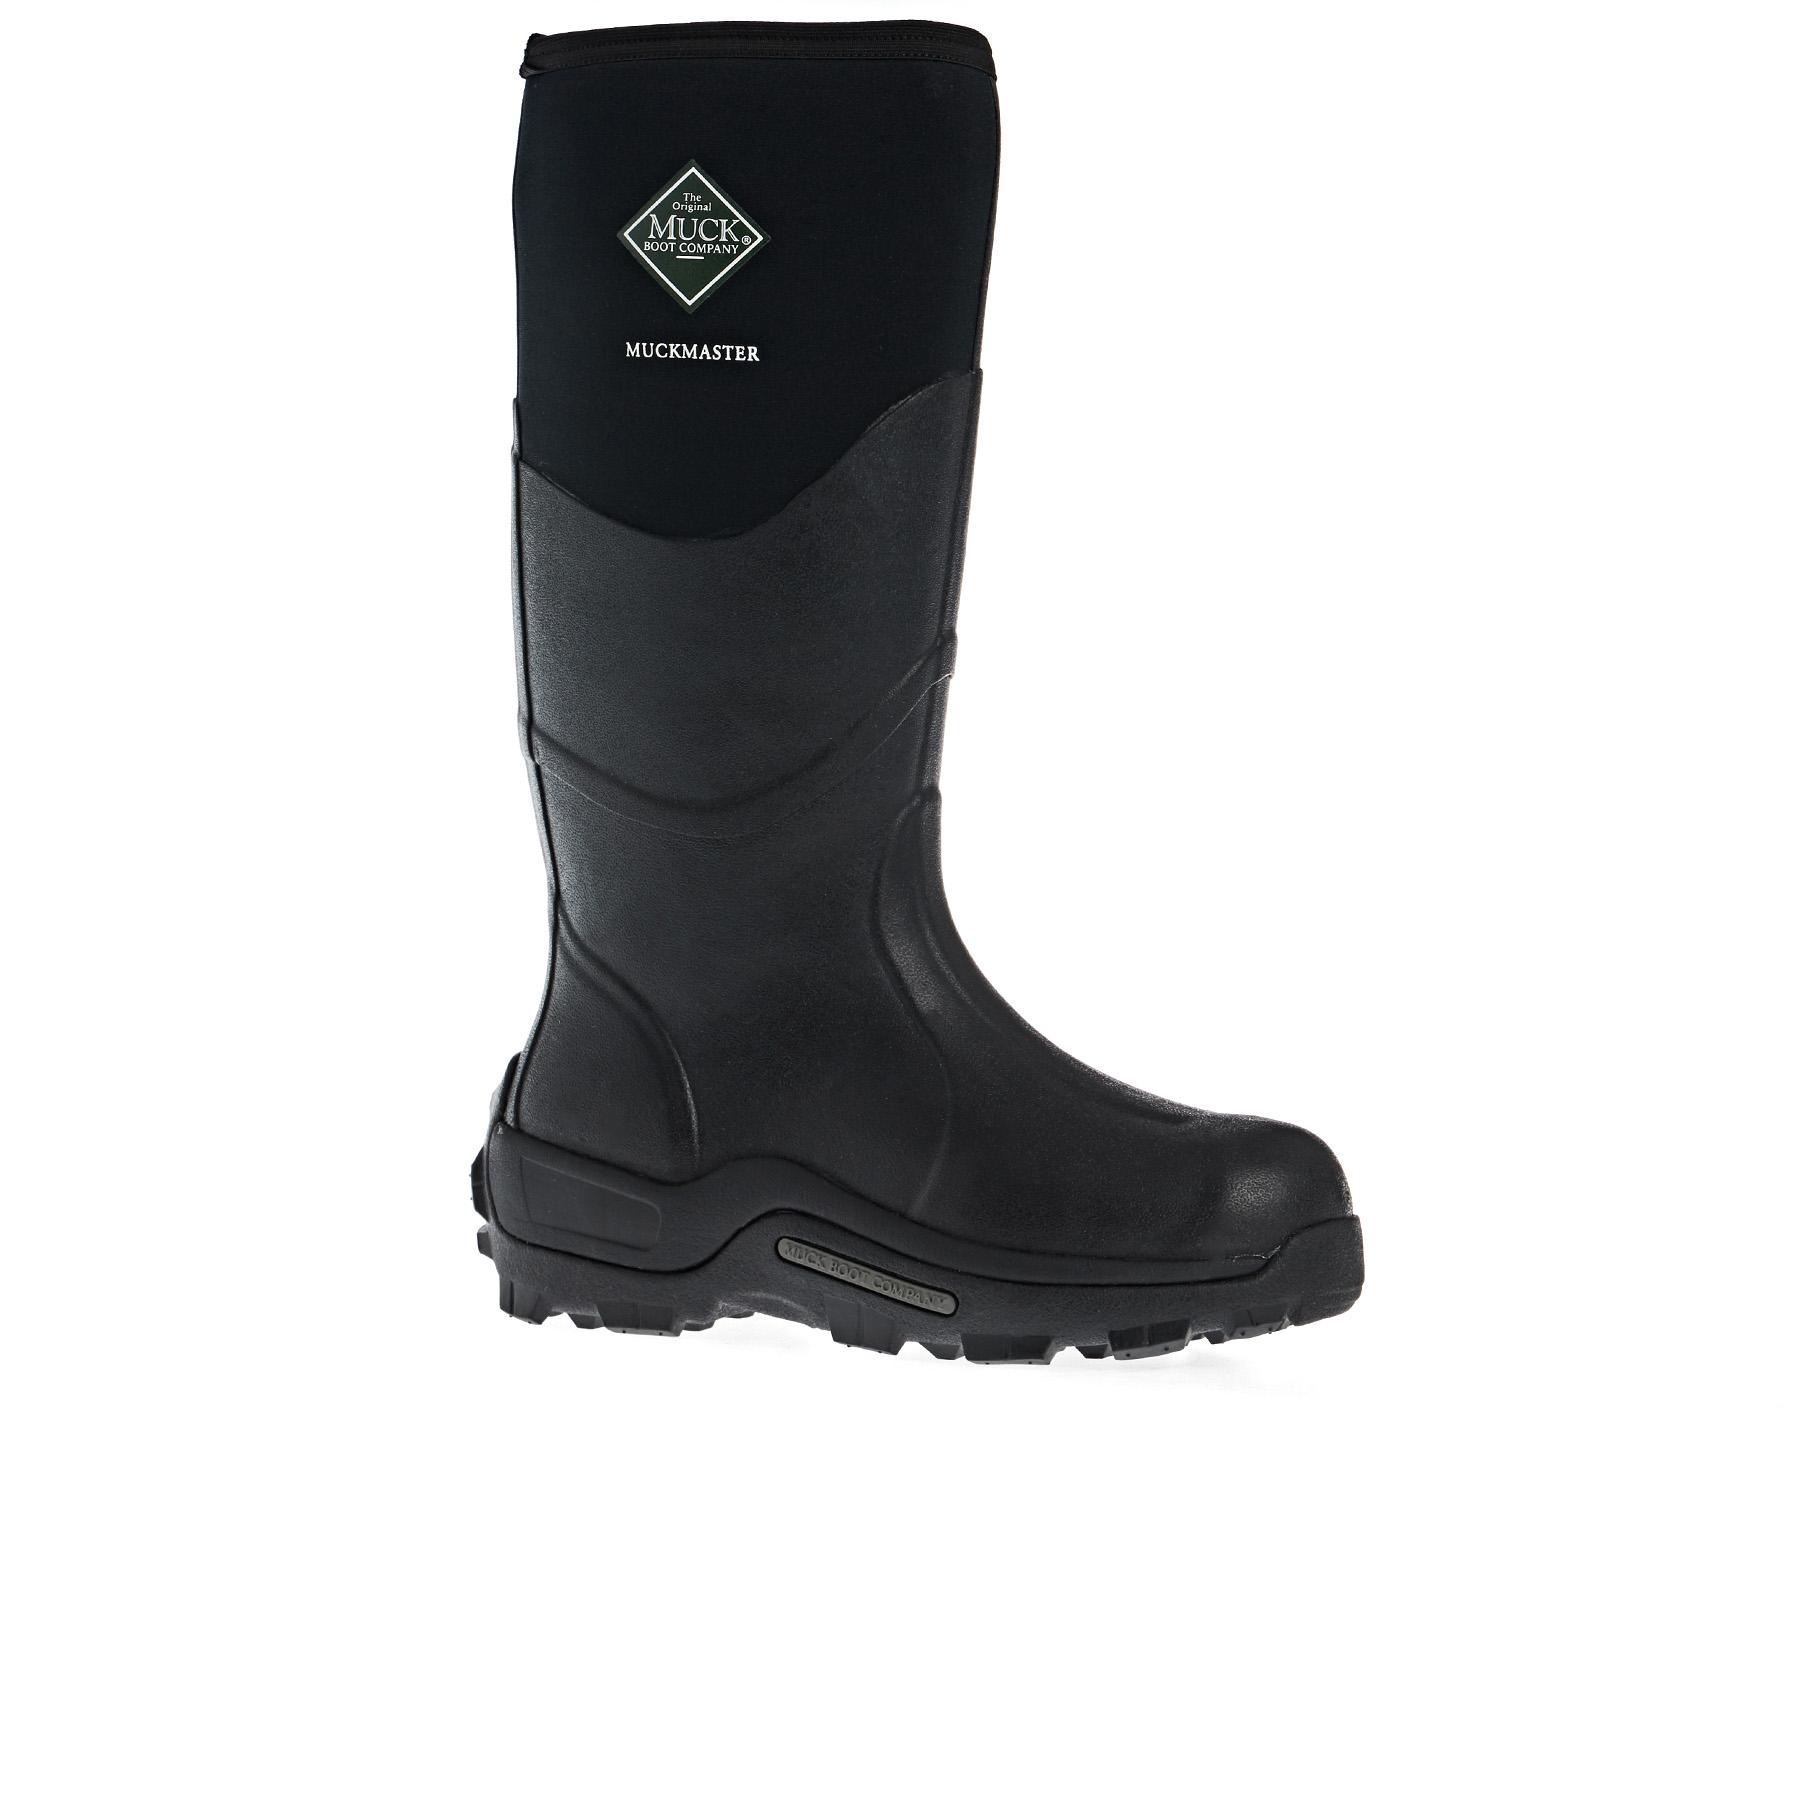 Bottes en Caoutchouc Muck Boots Muckmaster | Livraison